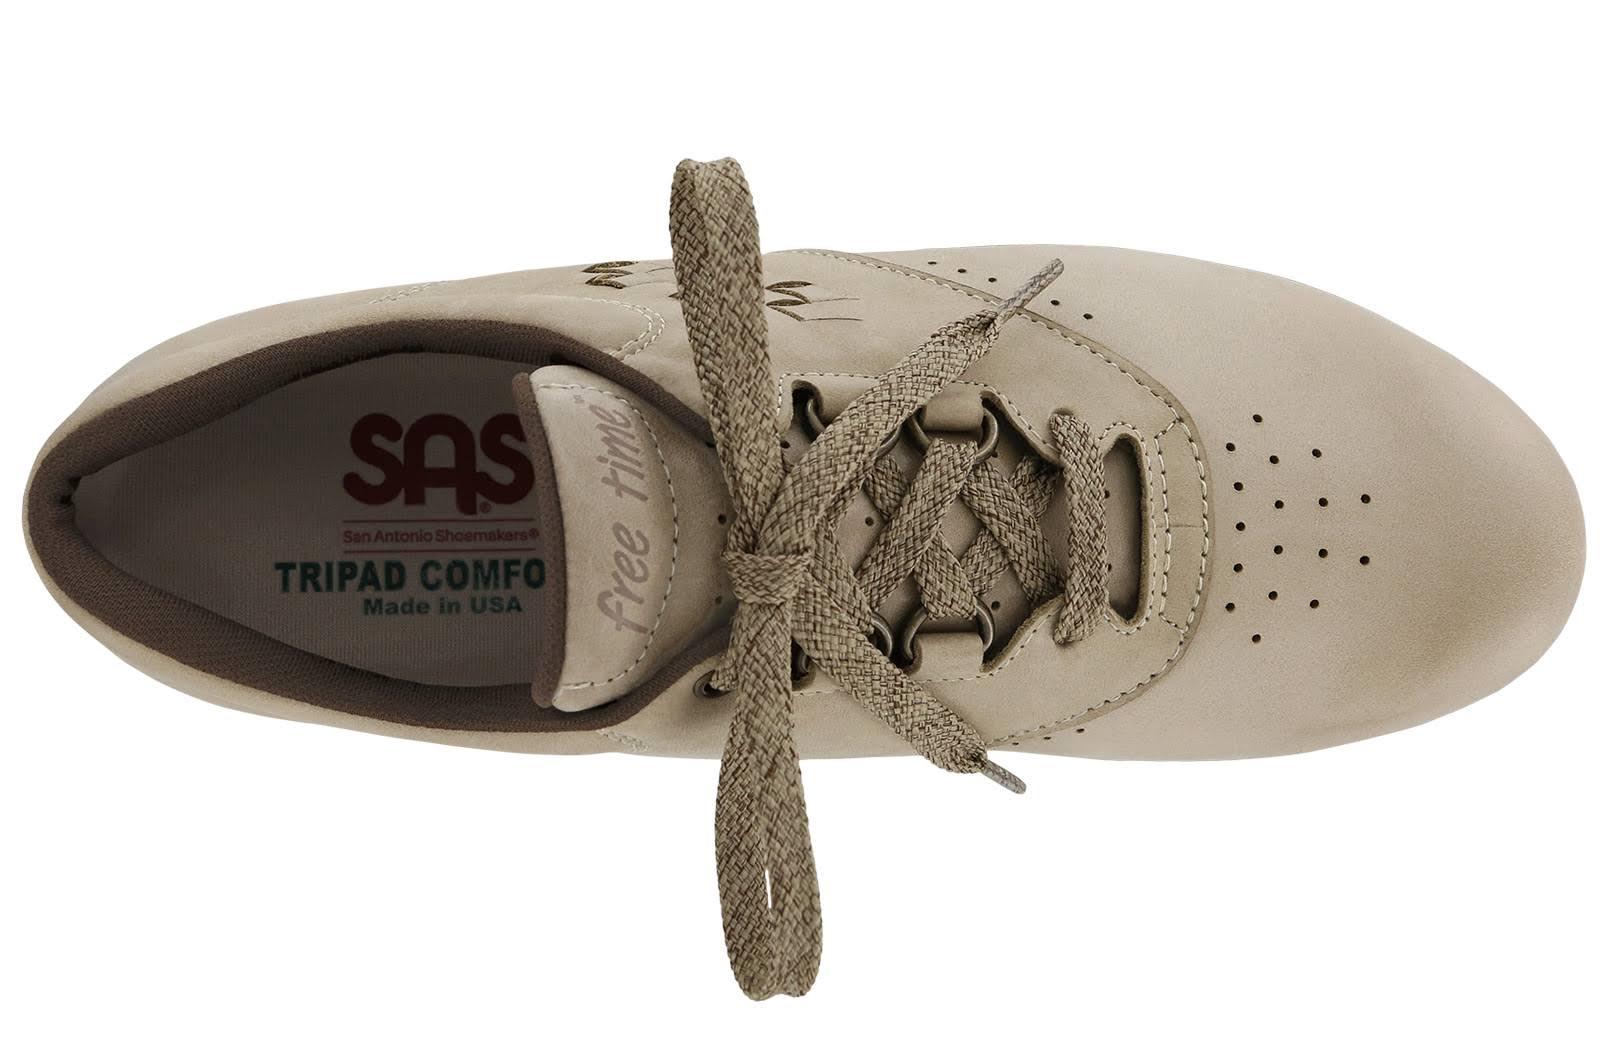 Free Women's TimeSage Sas Shoes hrQdsCt